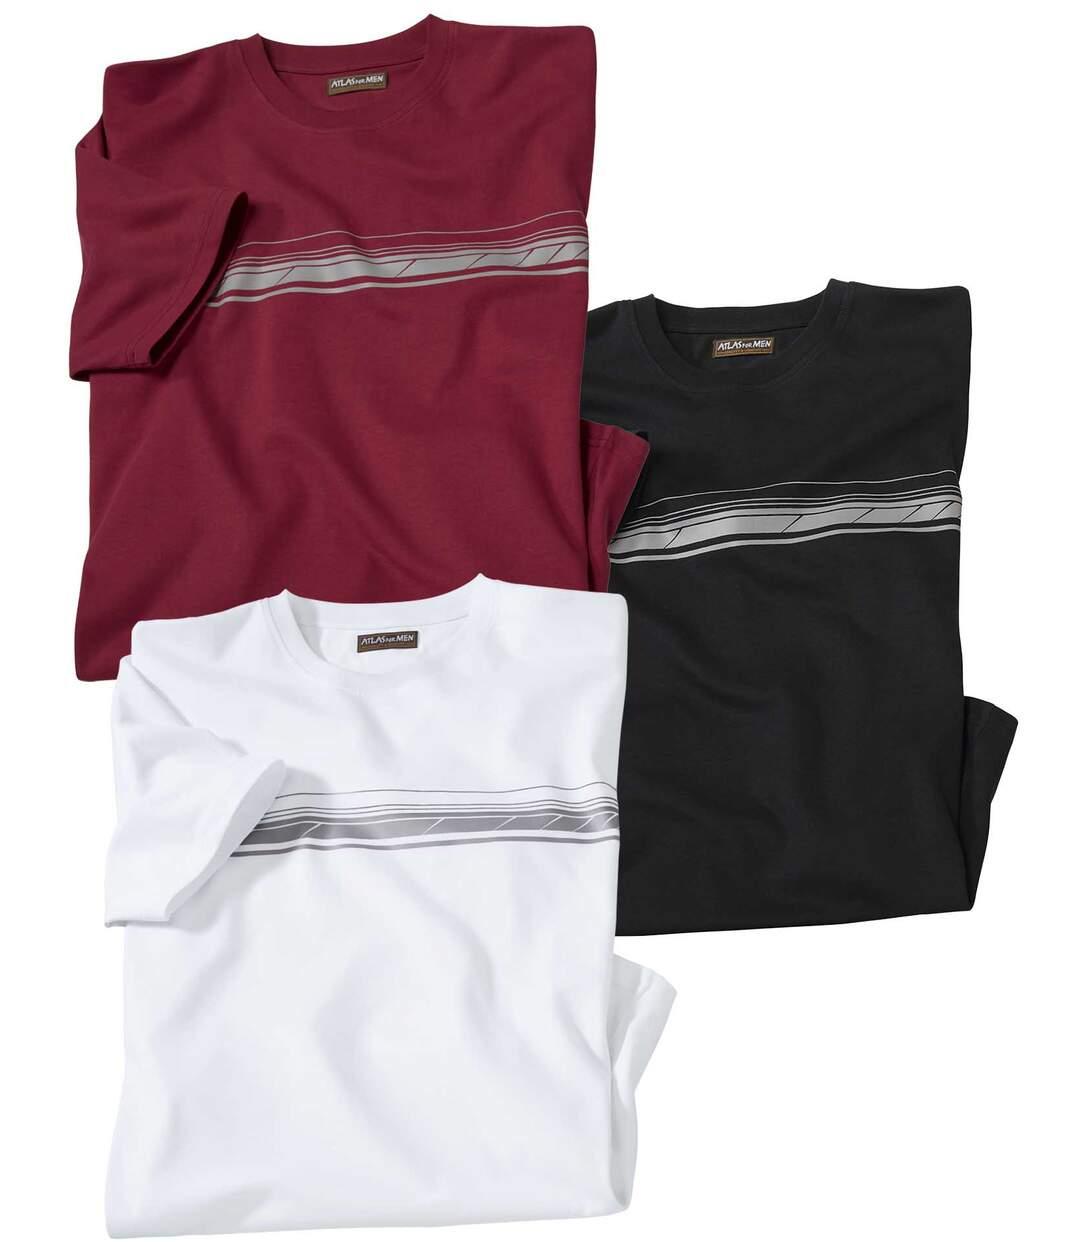 Set van 3 T-shirts met grafische opdruk